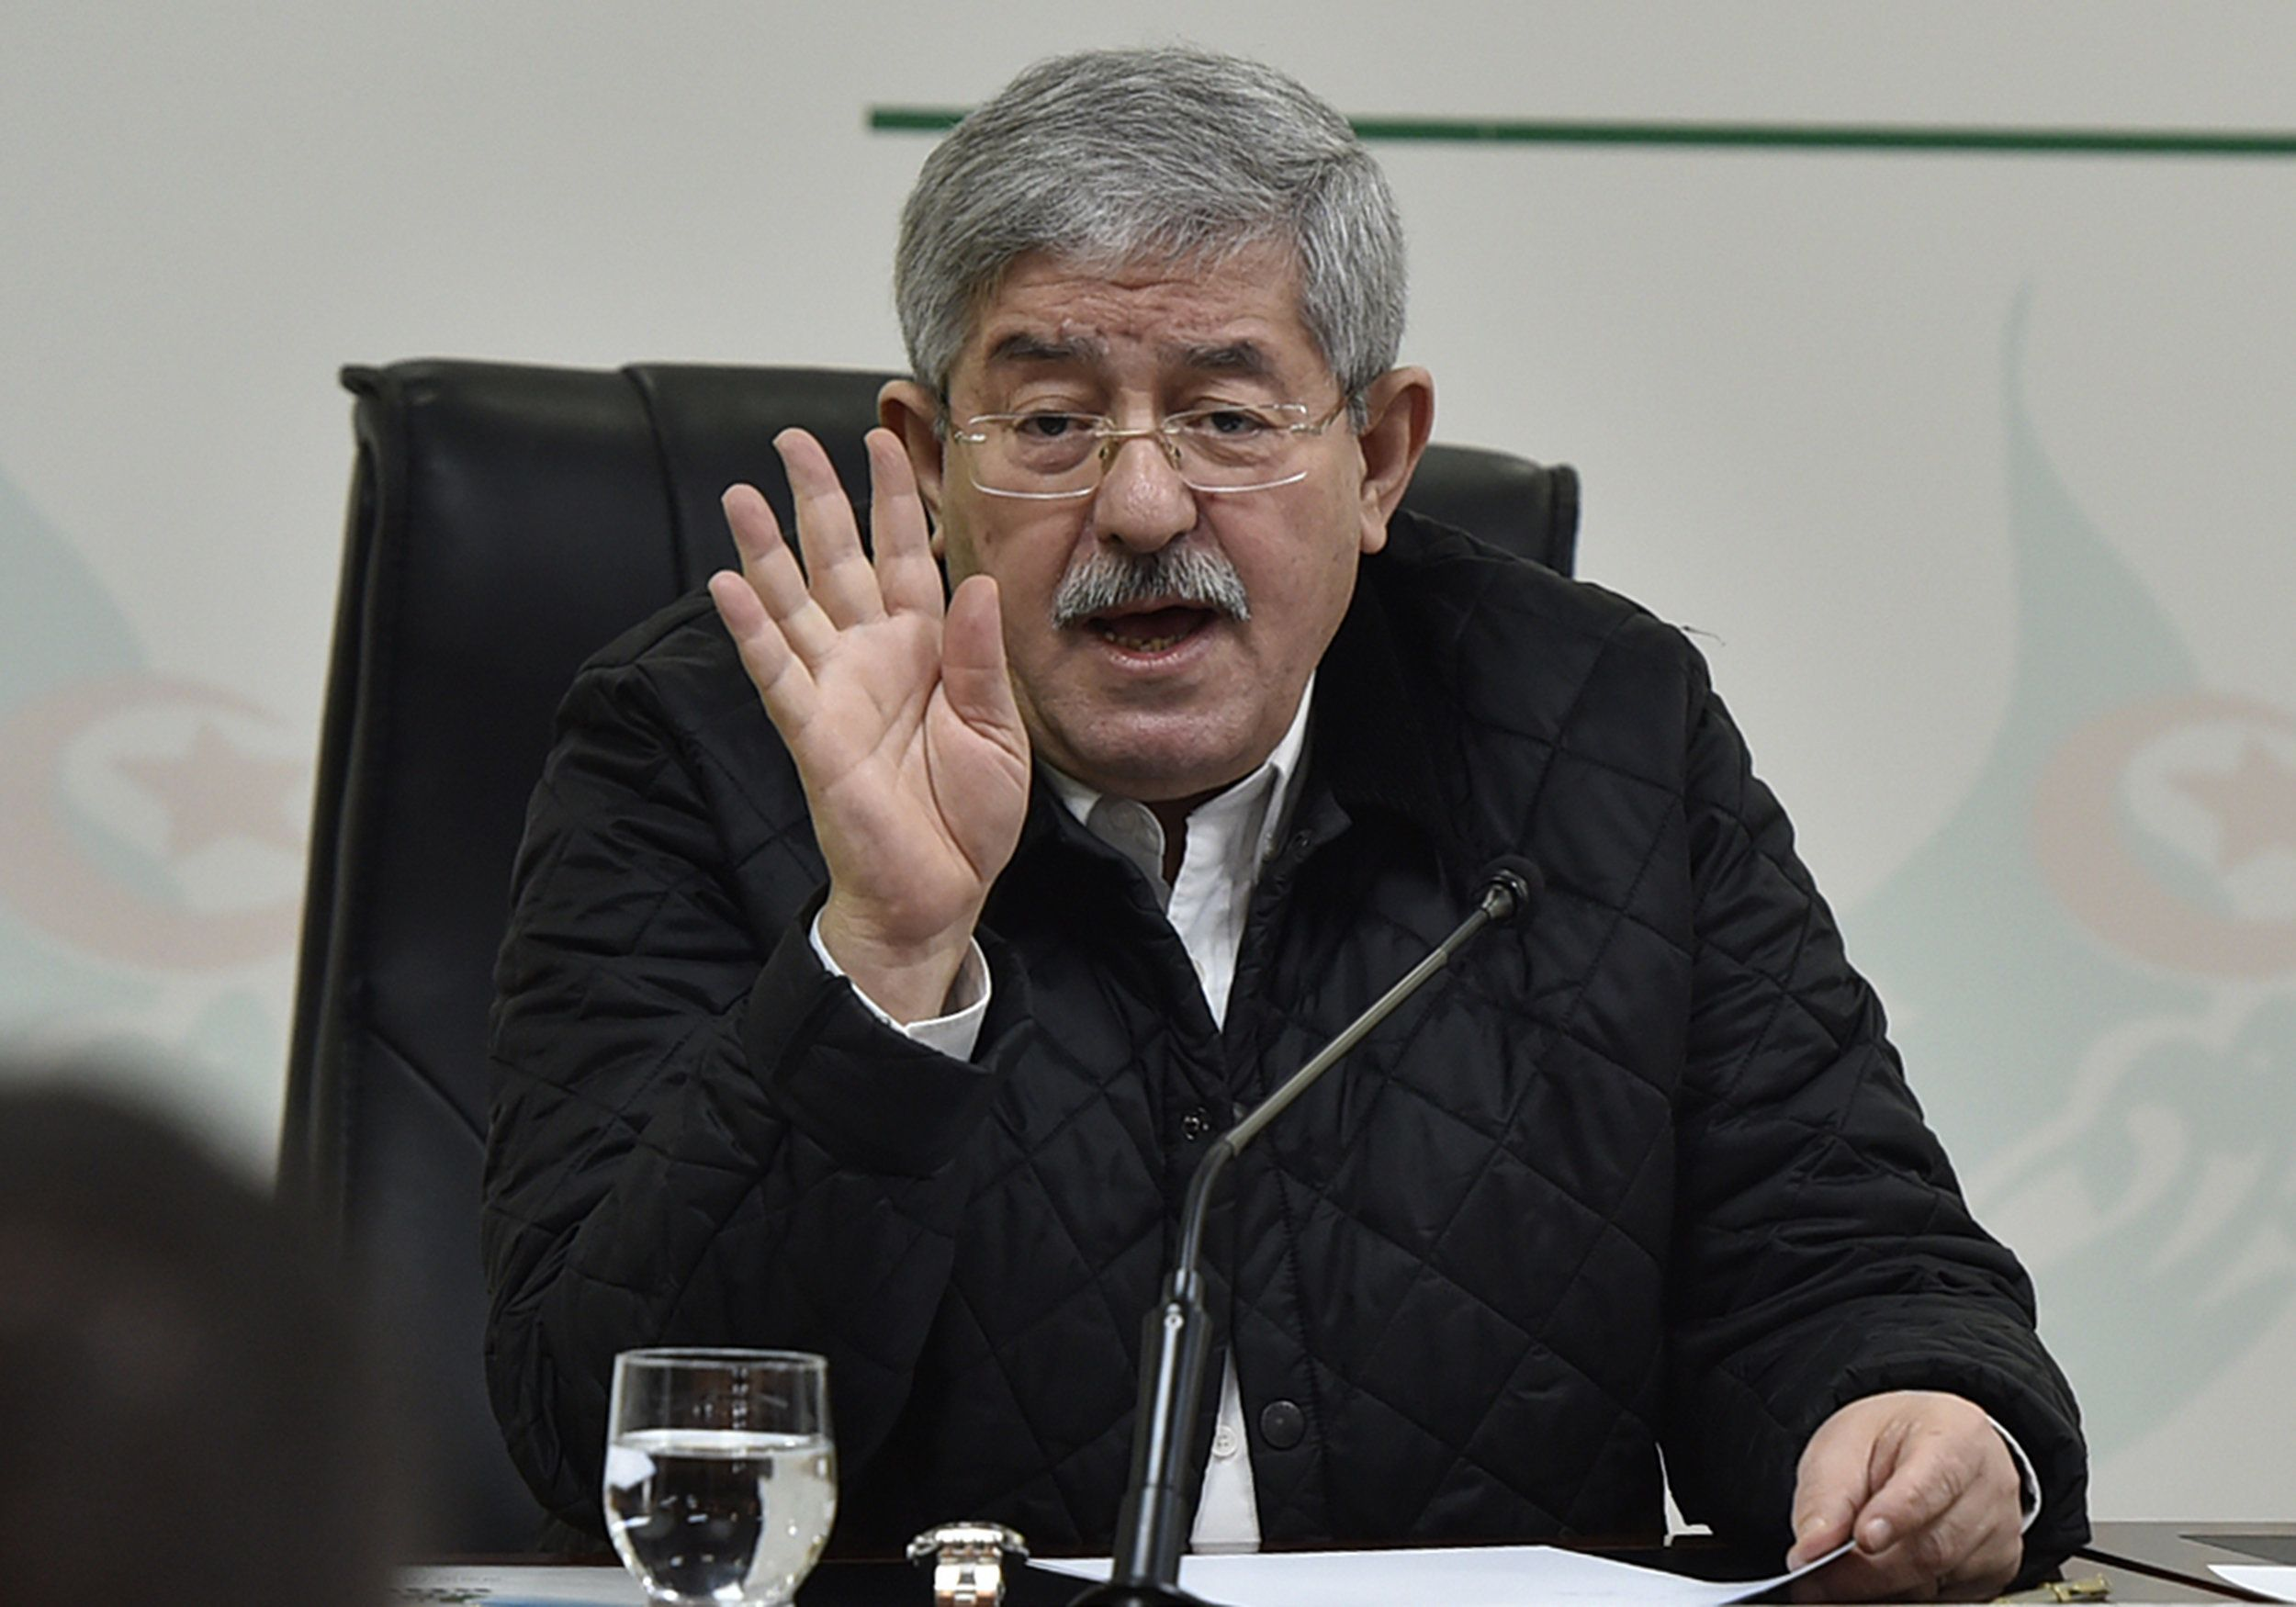 Crise au RND: Ouyahia garde le soutien du Conseil